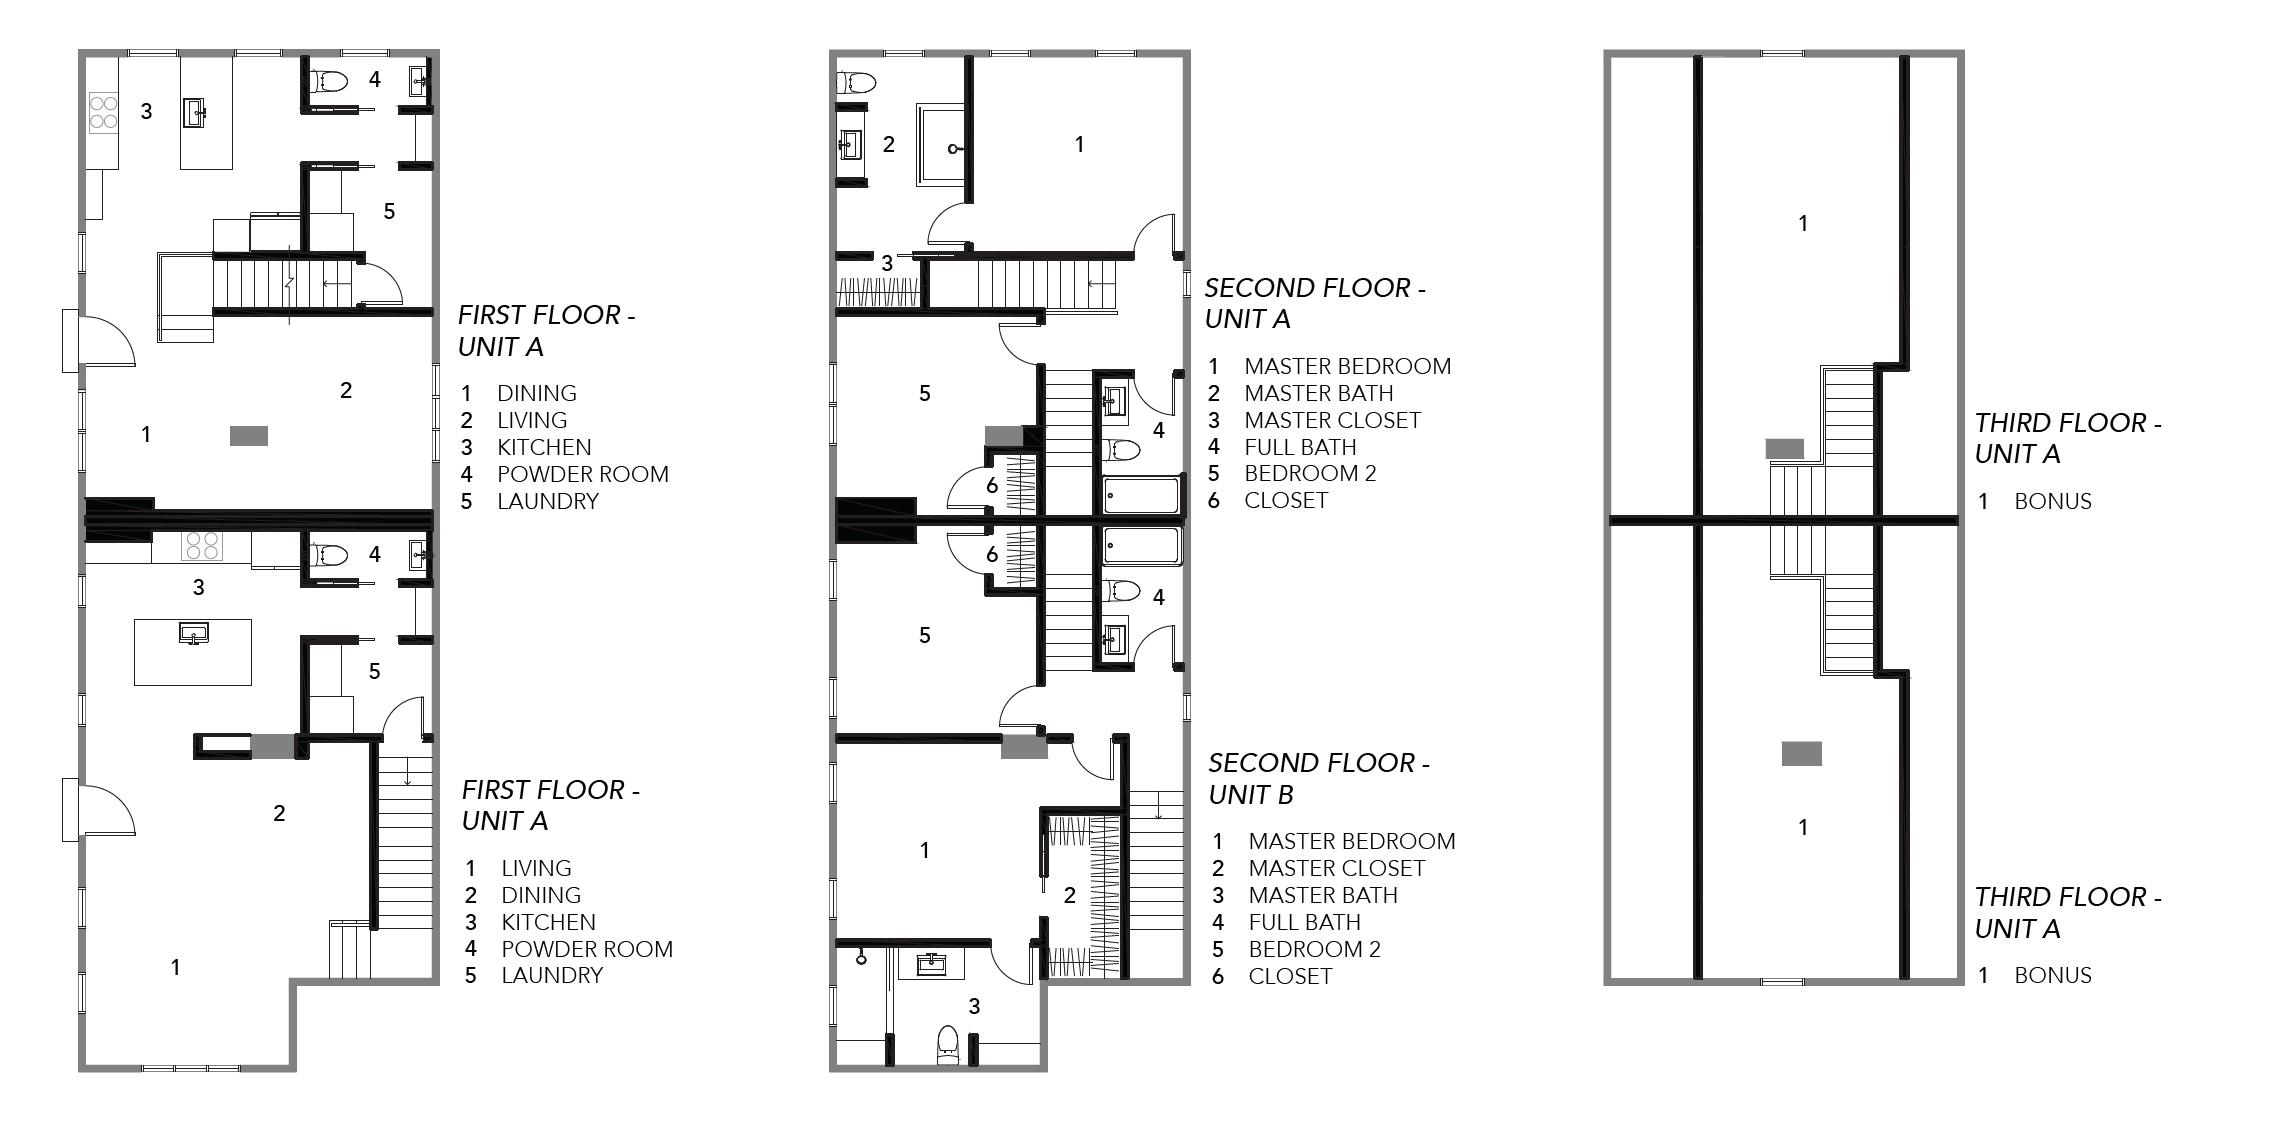 Townhome floor plan